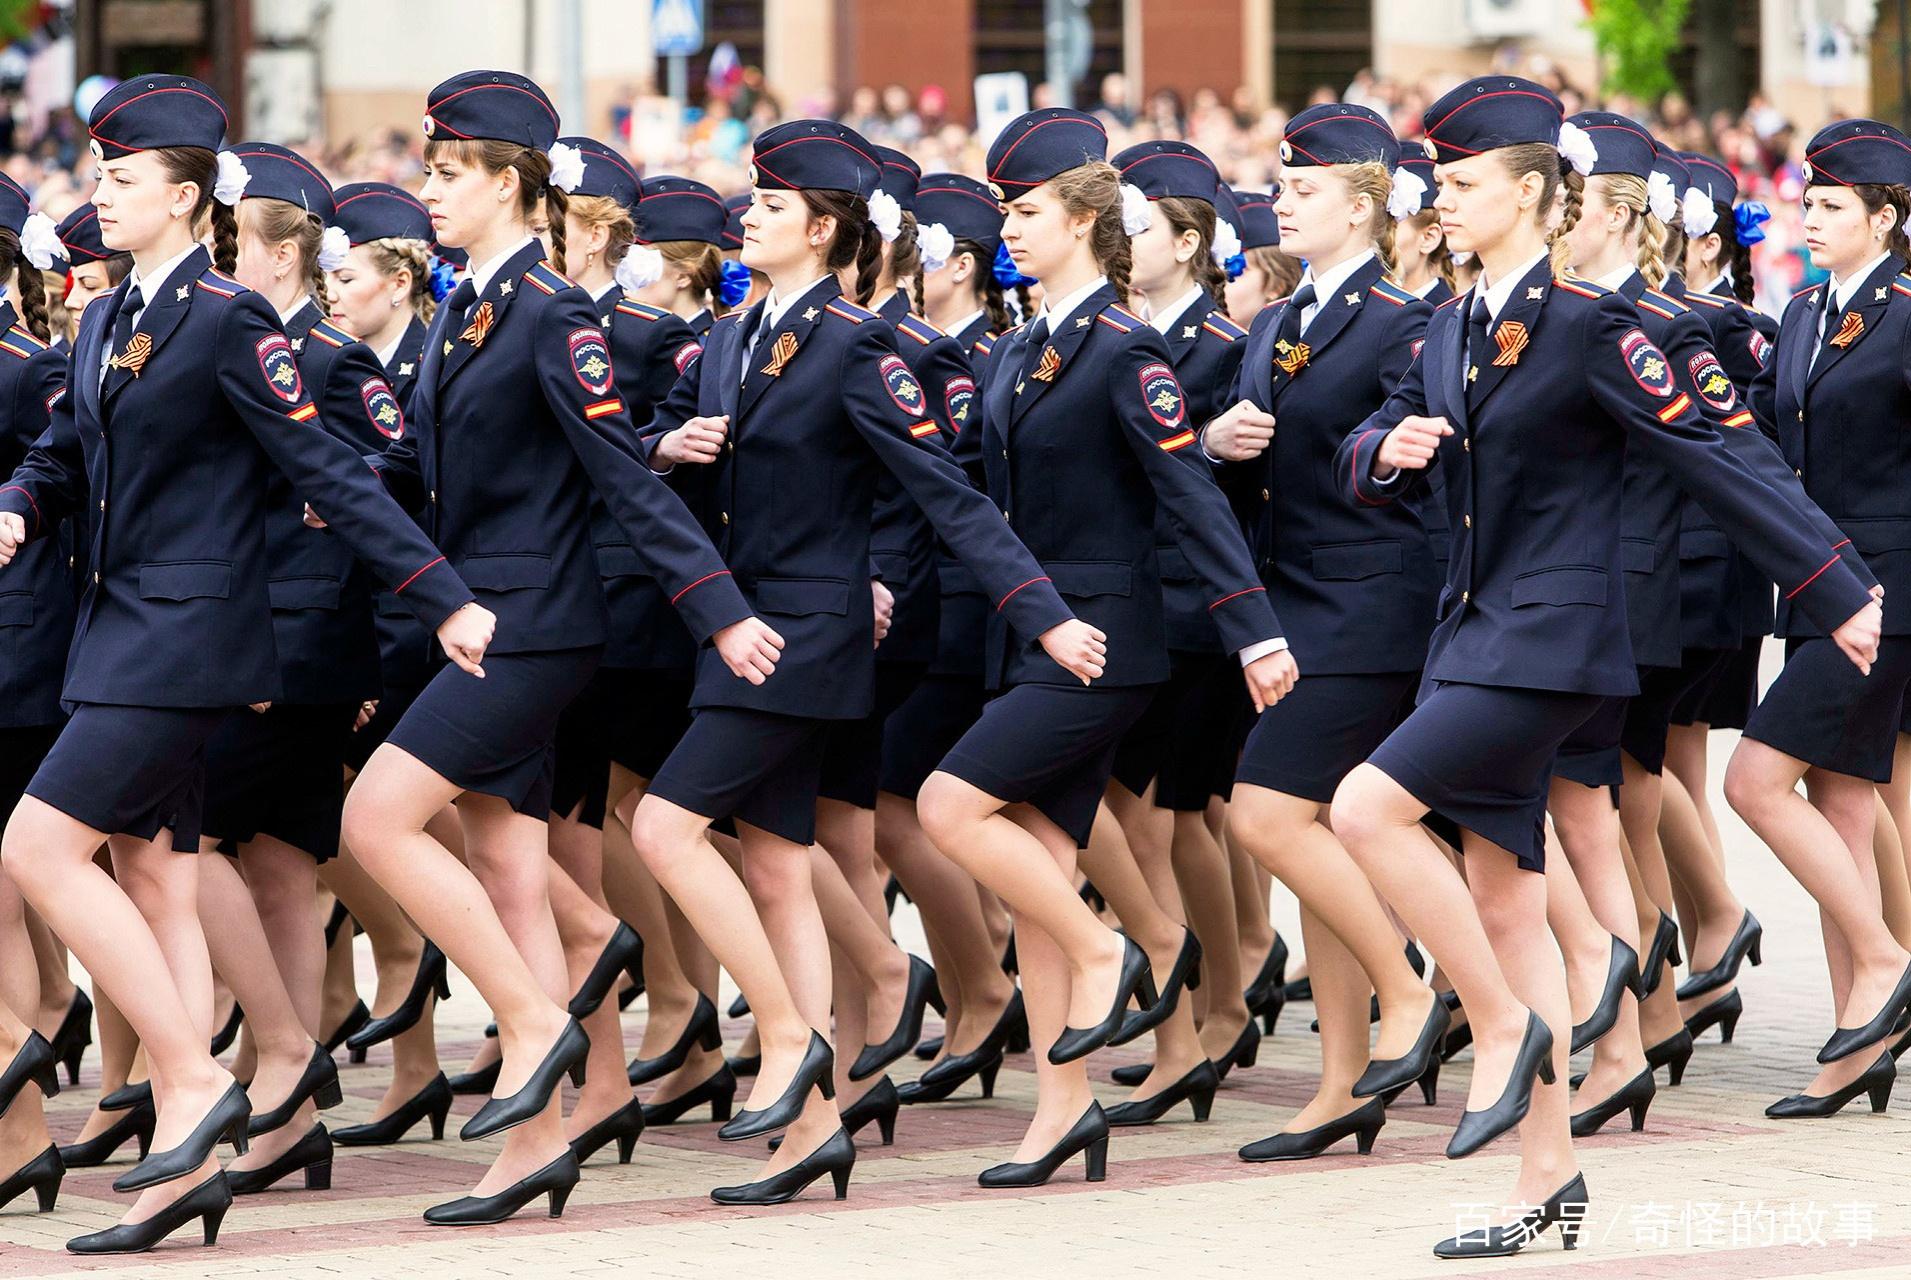 真实的俄罗斯:10度以下的酒算食品 女性比男性多1000万